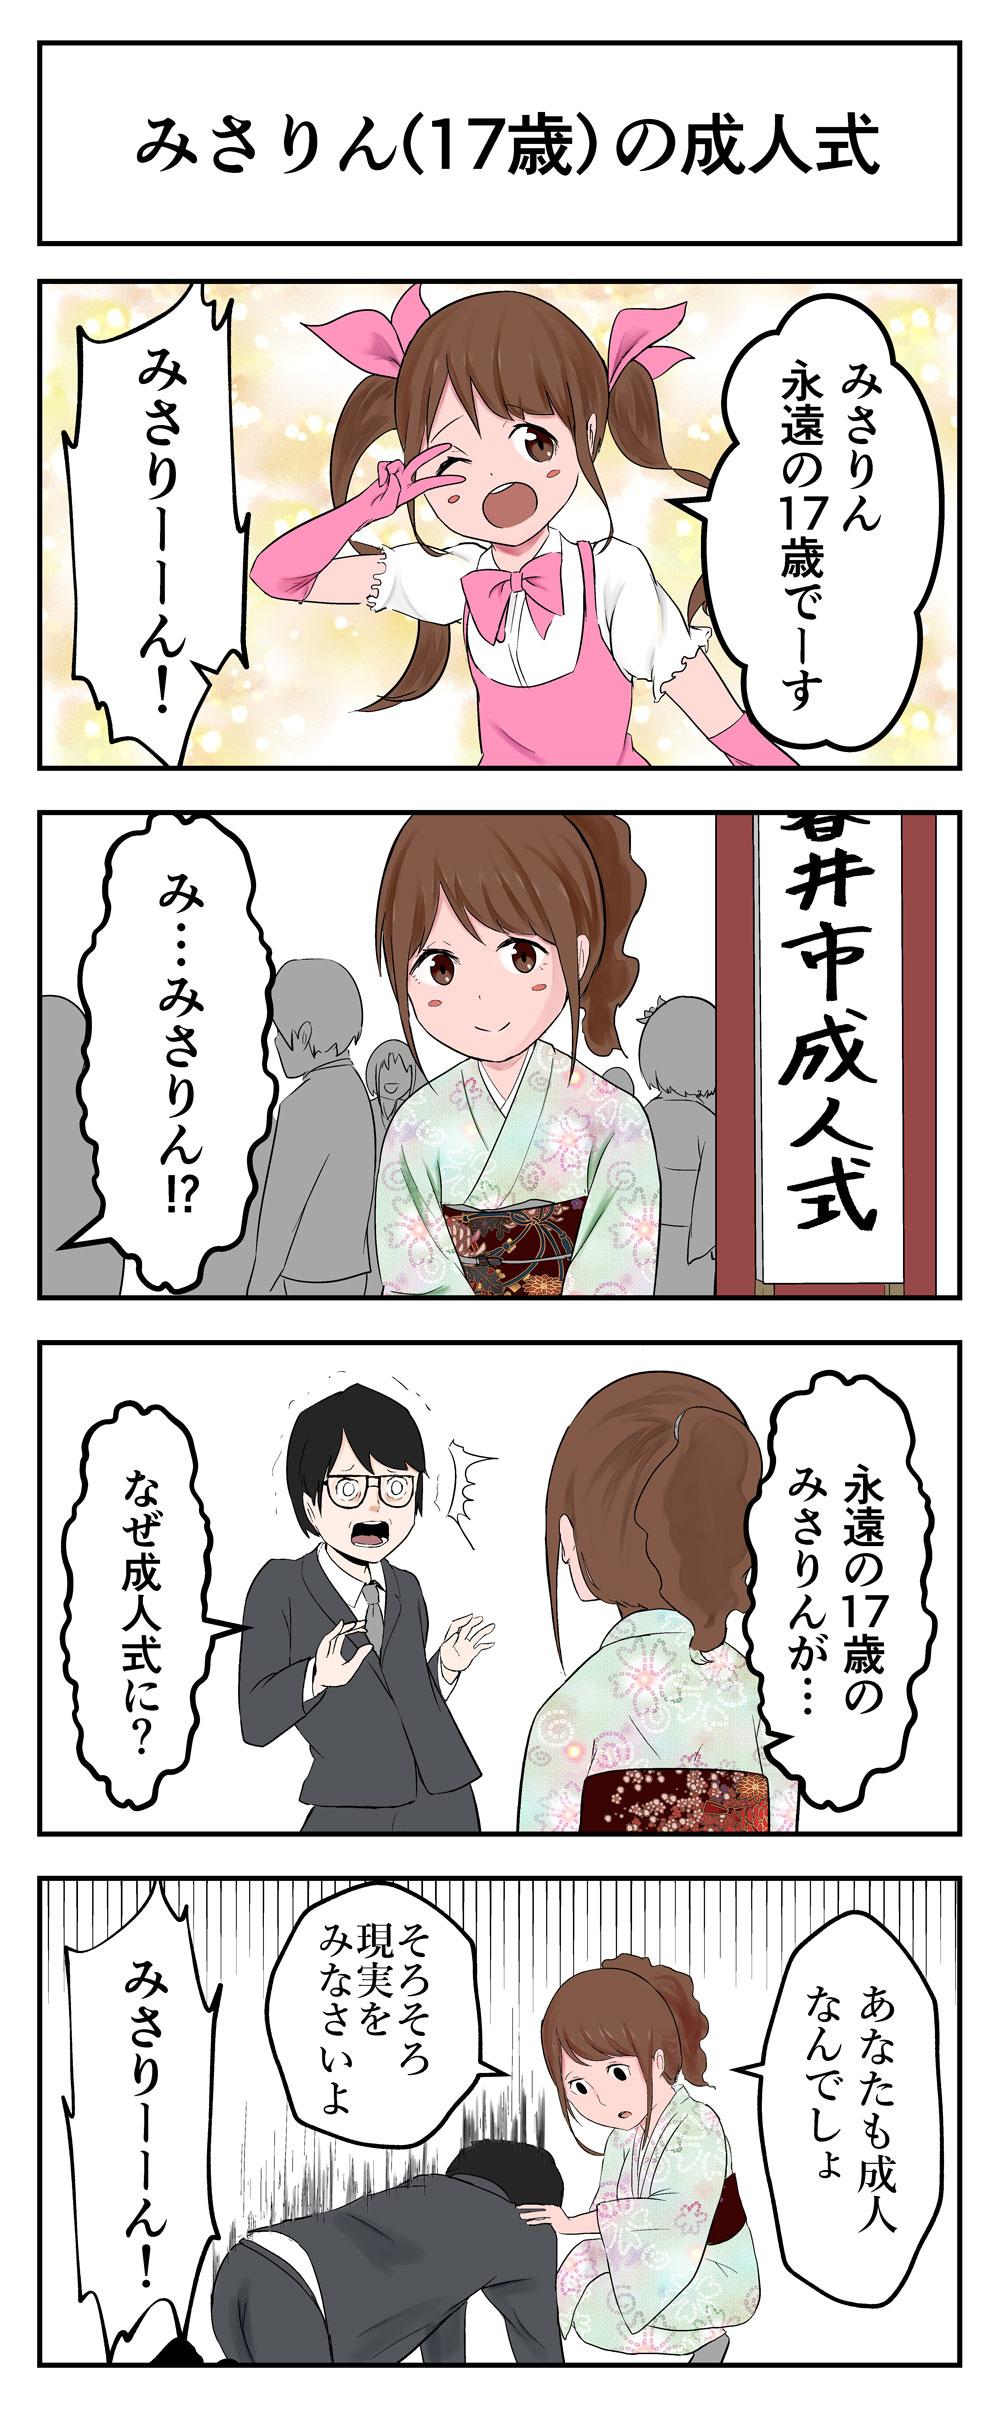 みさりん(17歳)-in-成人式